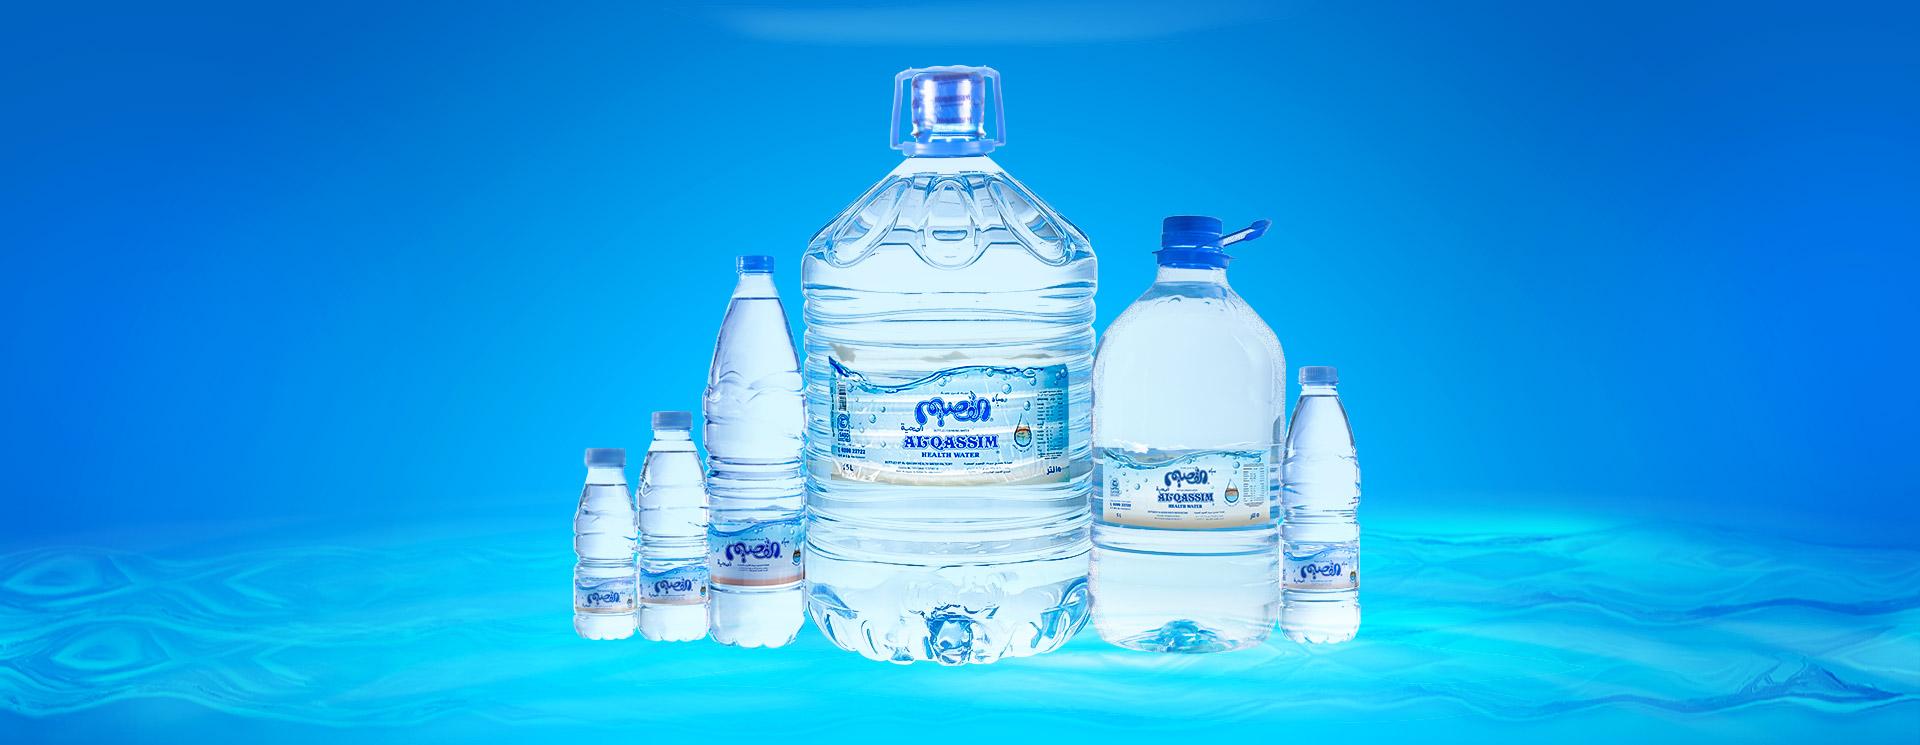 منتجات مياه القصيم الصحية